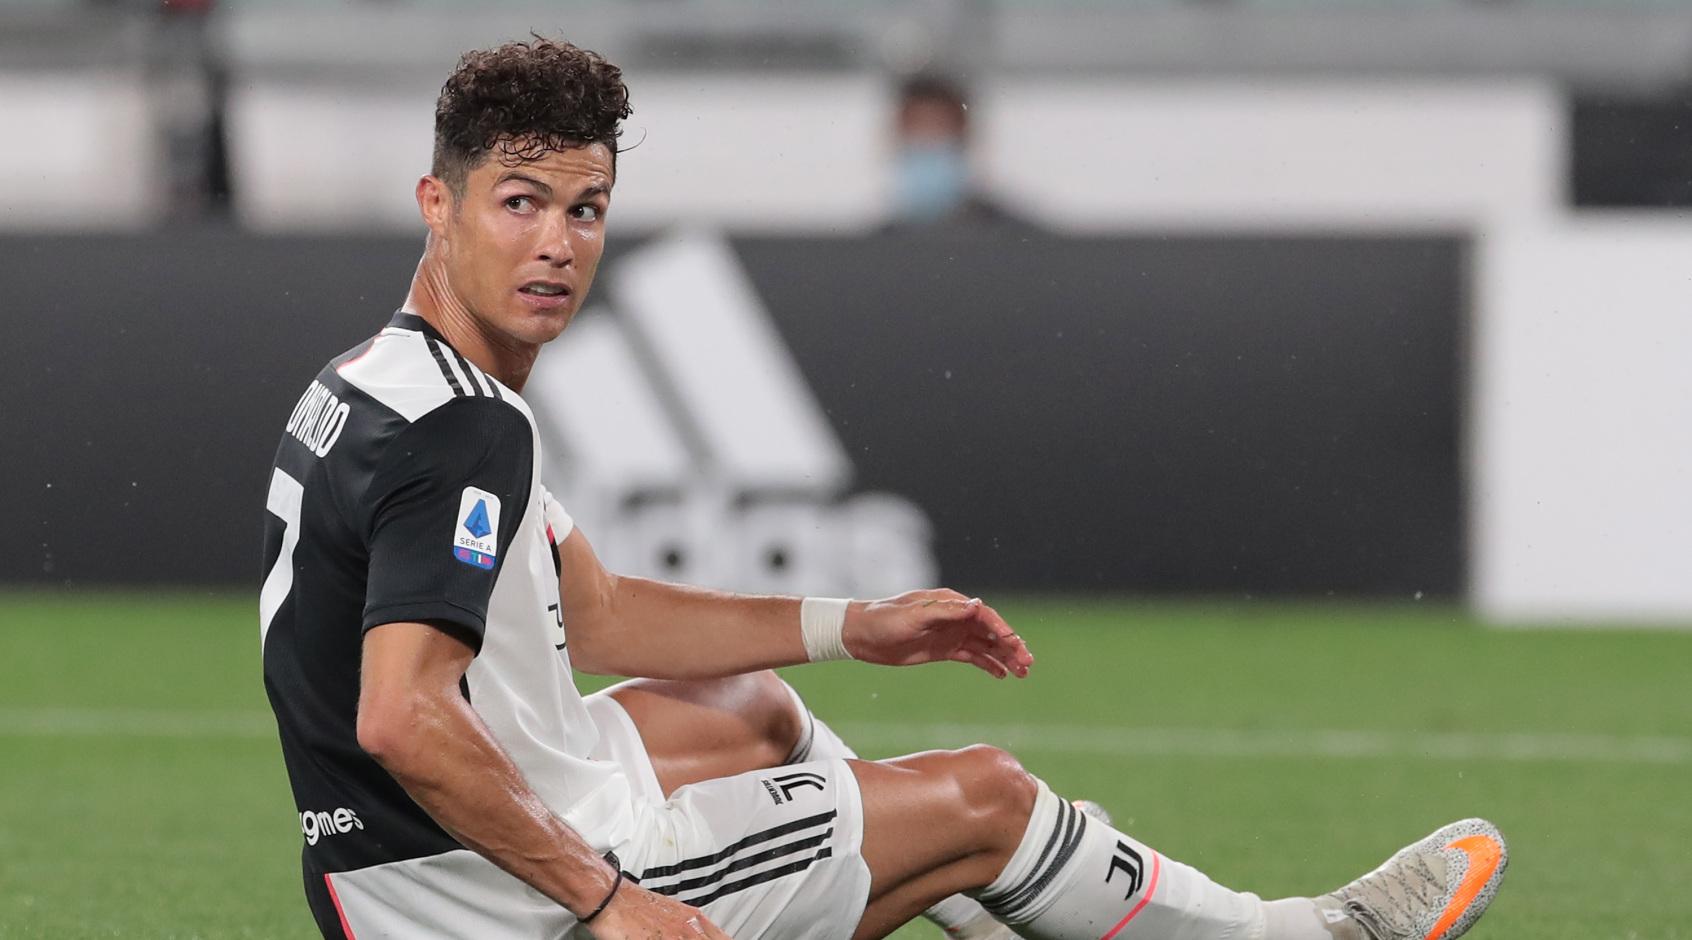 Calciomercato: ПСЖ хочет подписать Криштиану Роналду - FootBoom